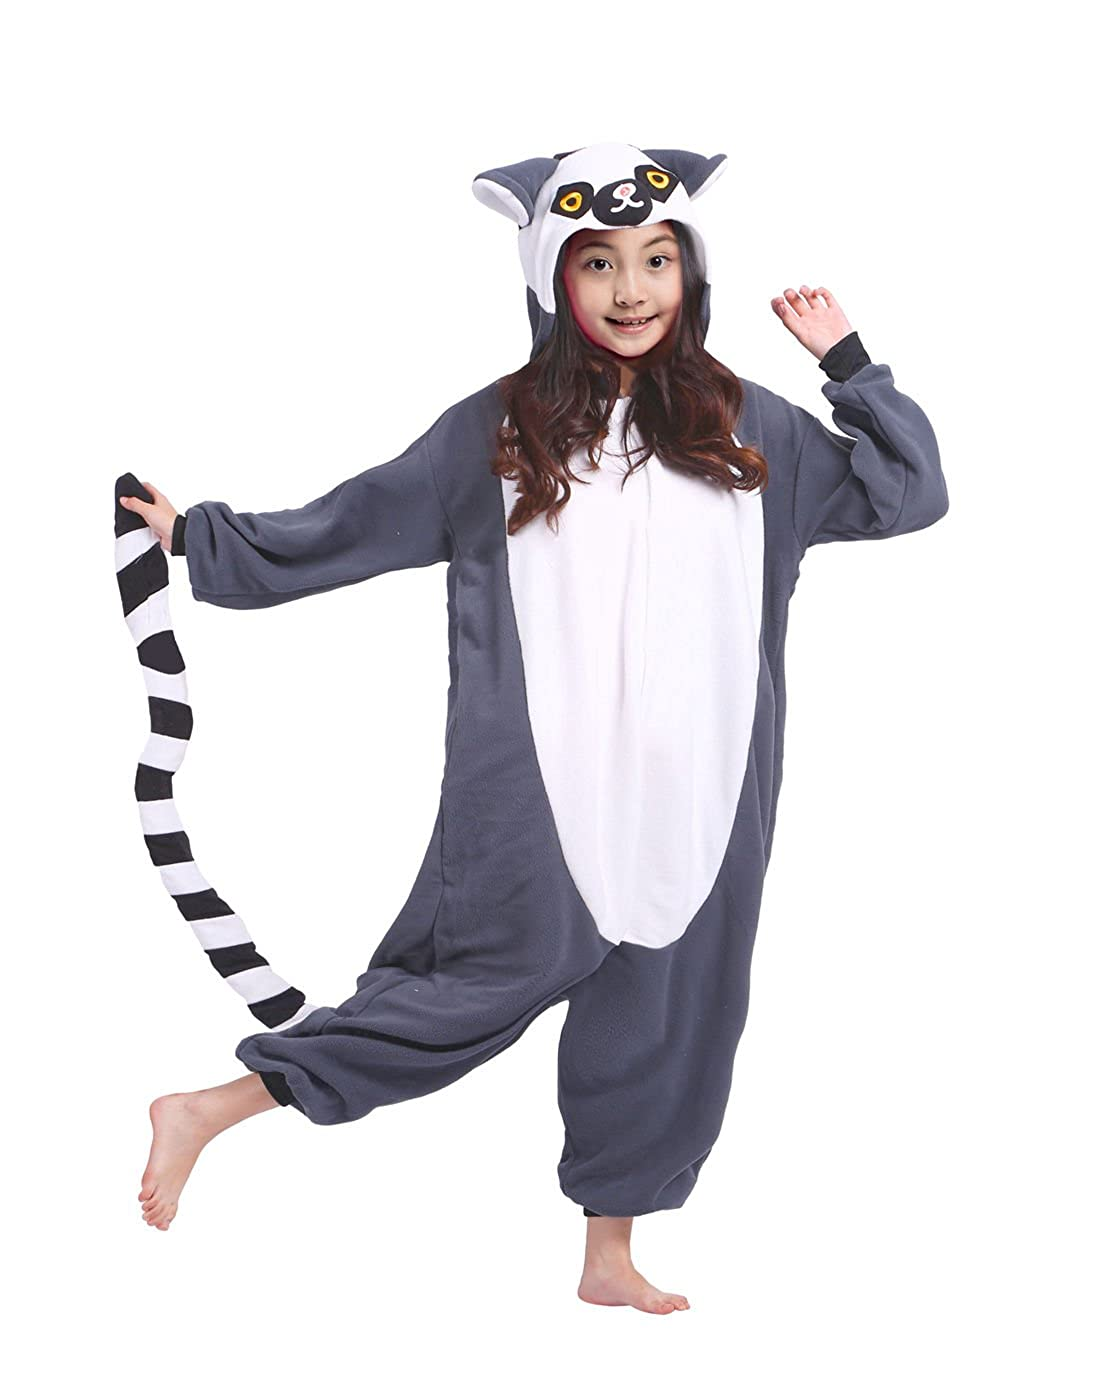 Wamvp Pigiama Animali Kigurumi Onesie Bambina Cosplay Costume Tutina Bimbo KIDSY-Y